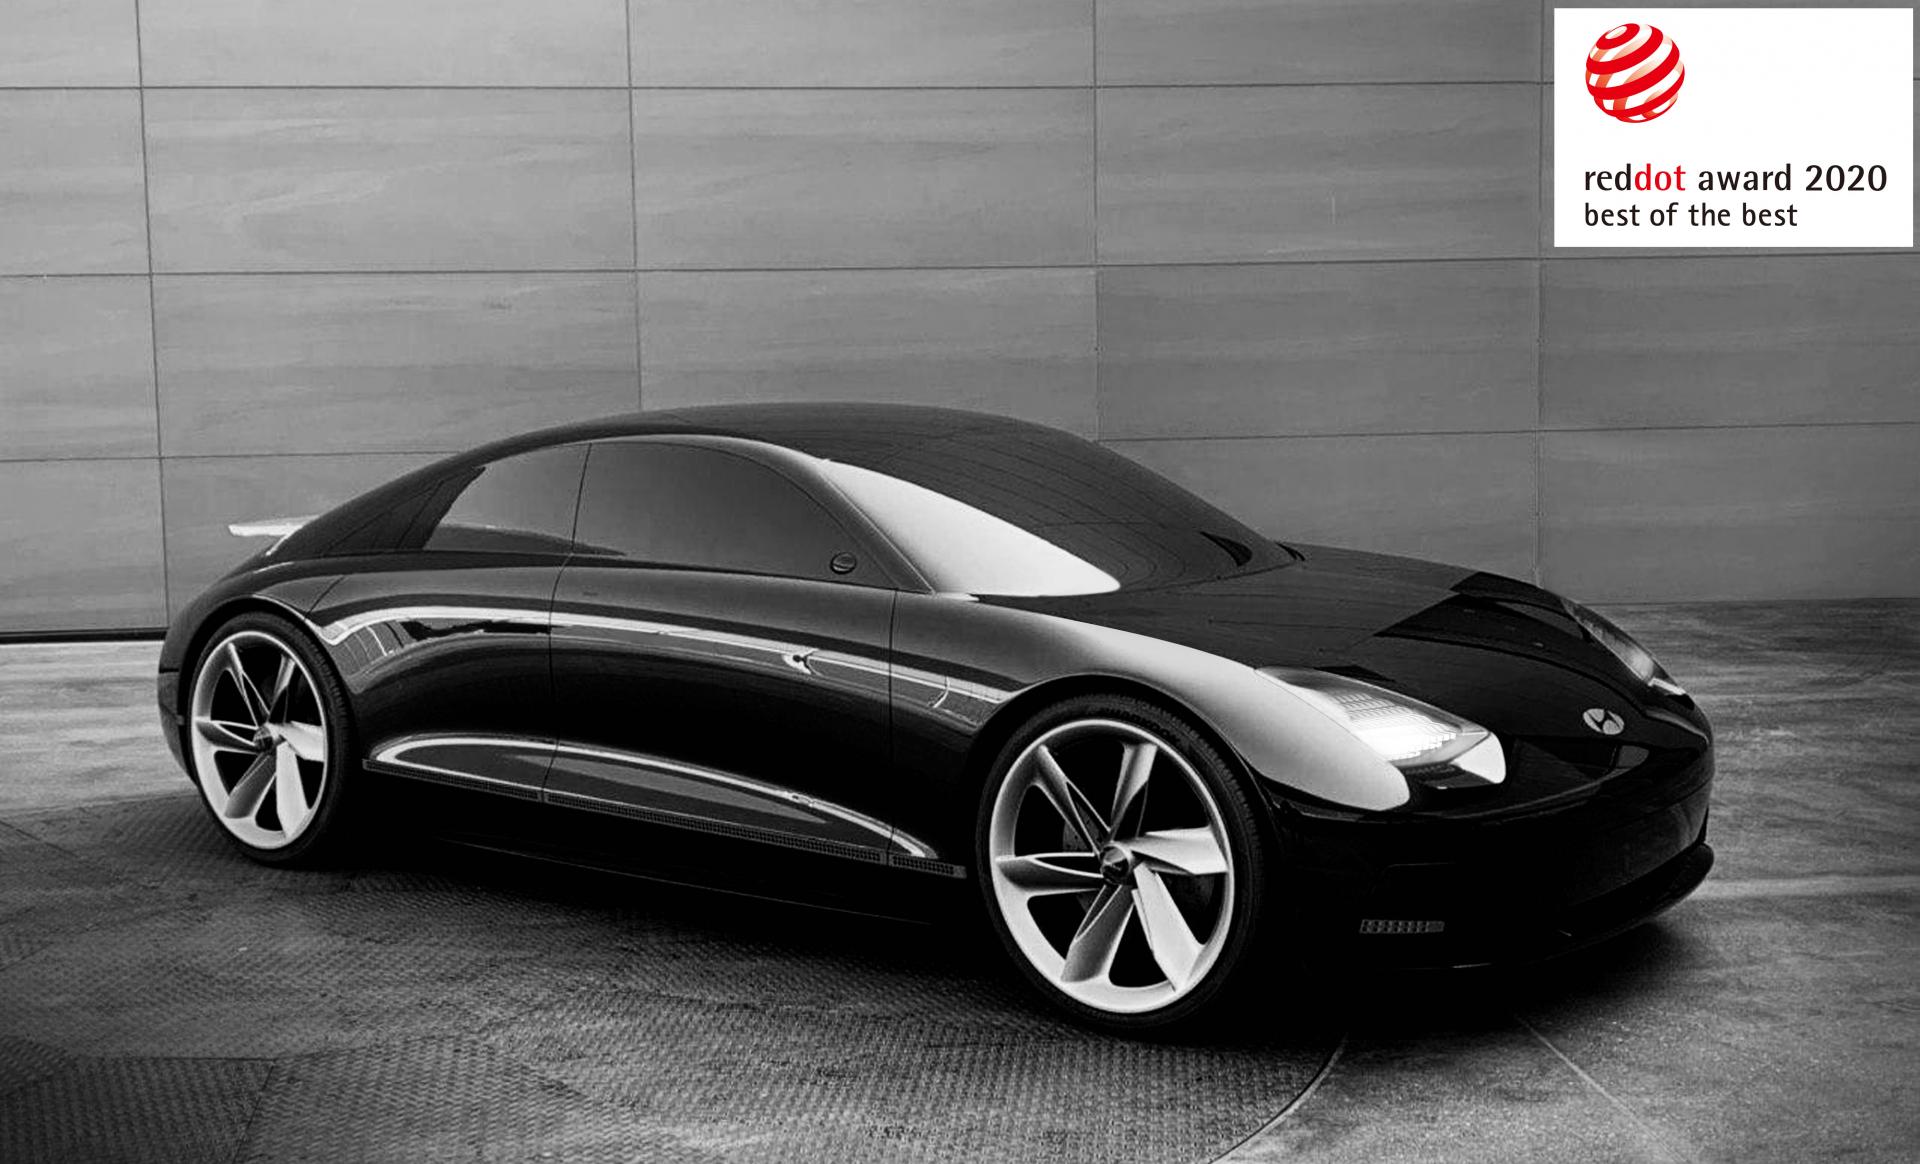 Компанія Hyundai Motor отримала три нагороди Red Dot Award 2020 за концептуальний дизайн | Едем-Авто - фото 14